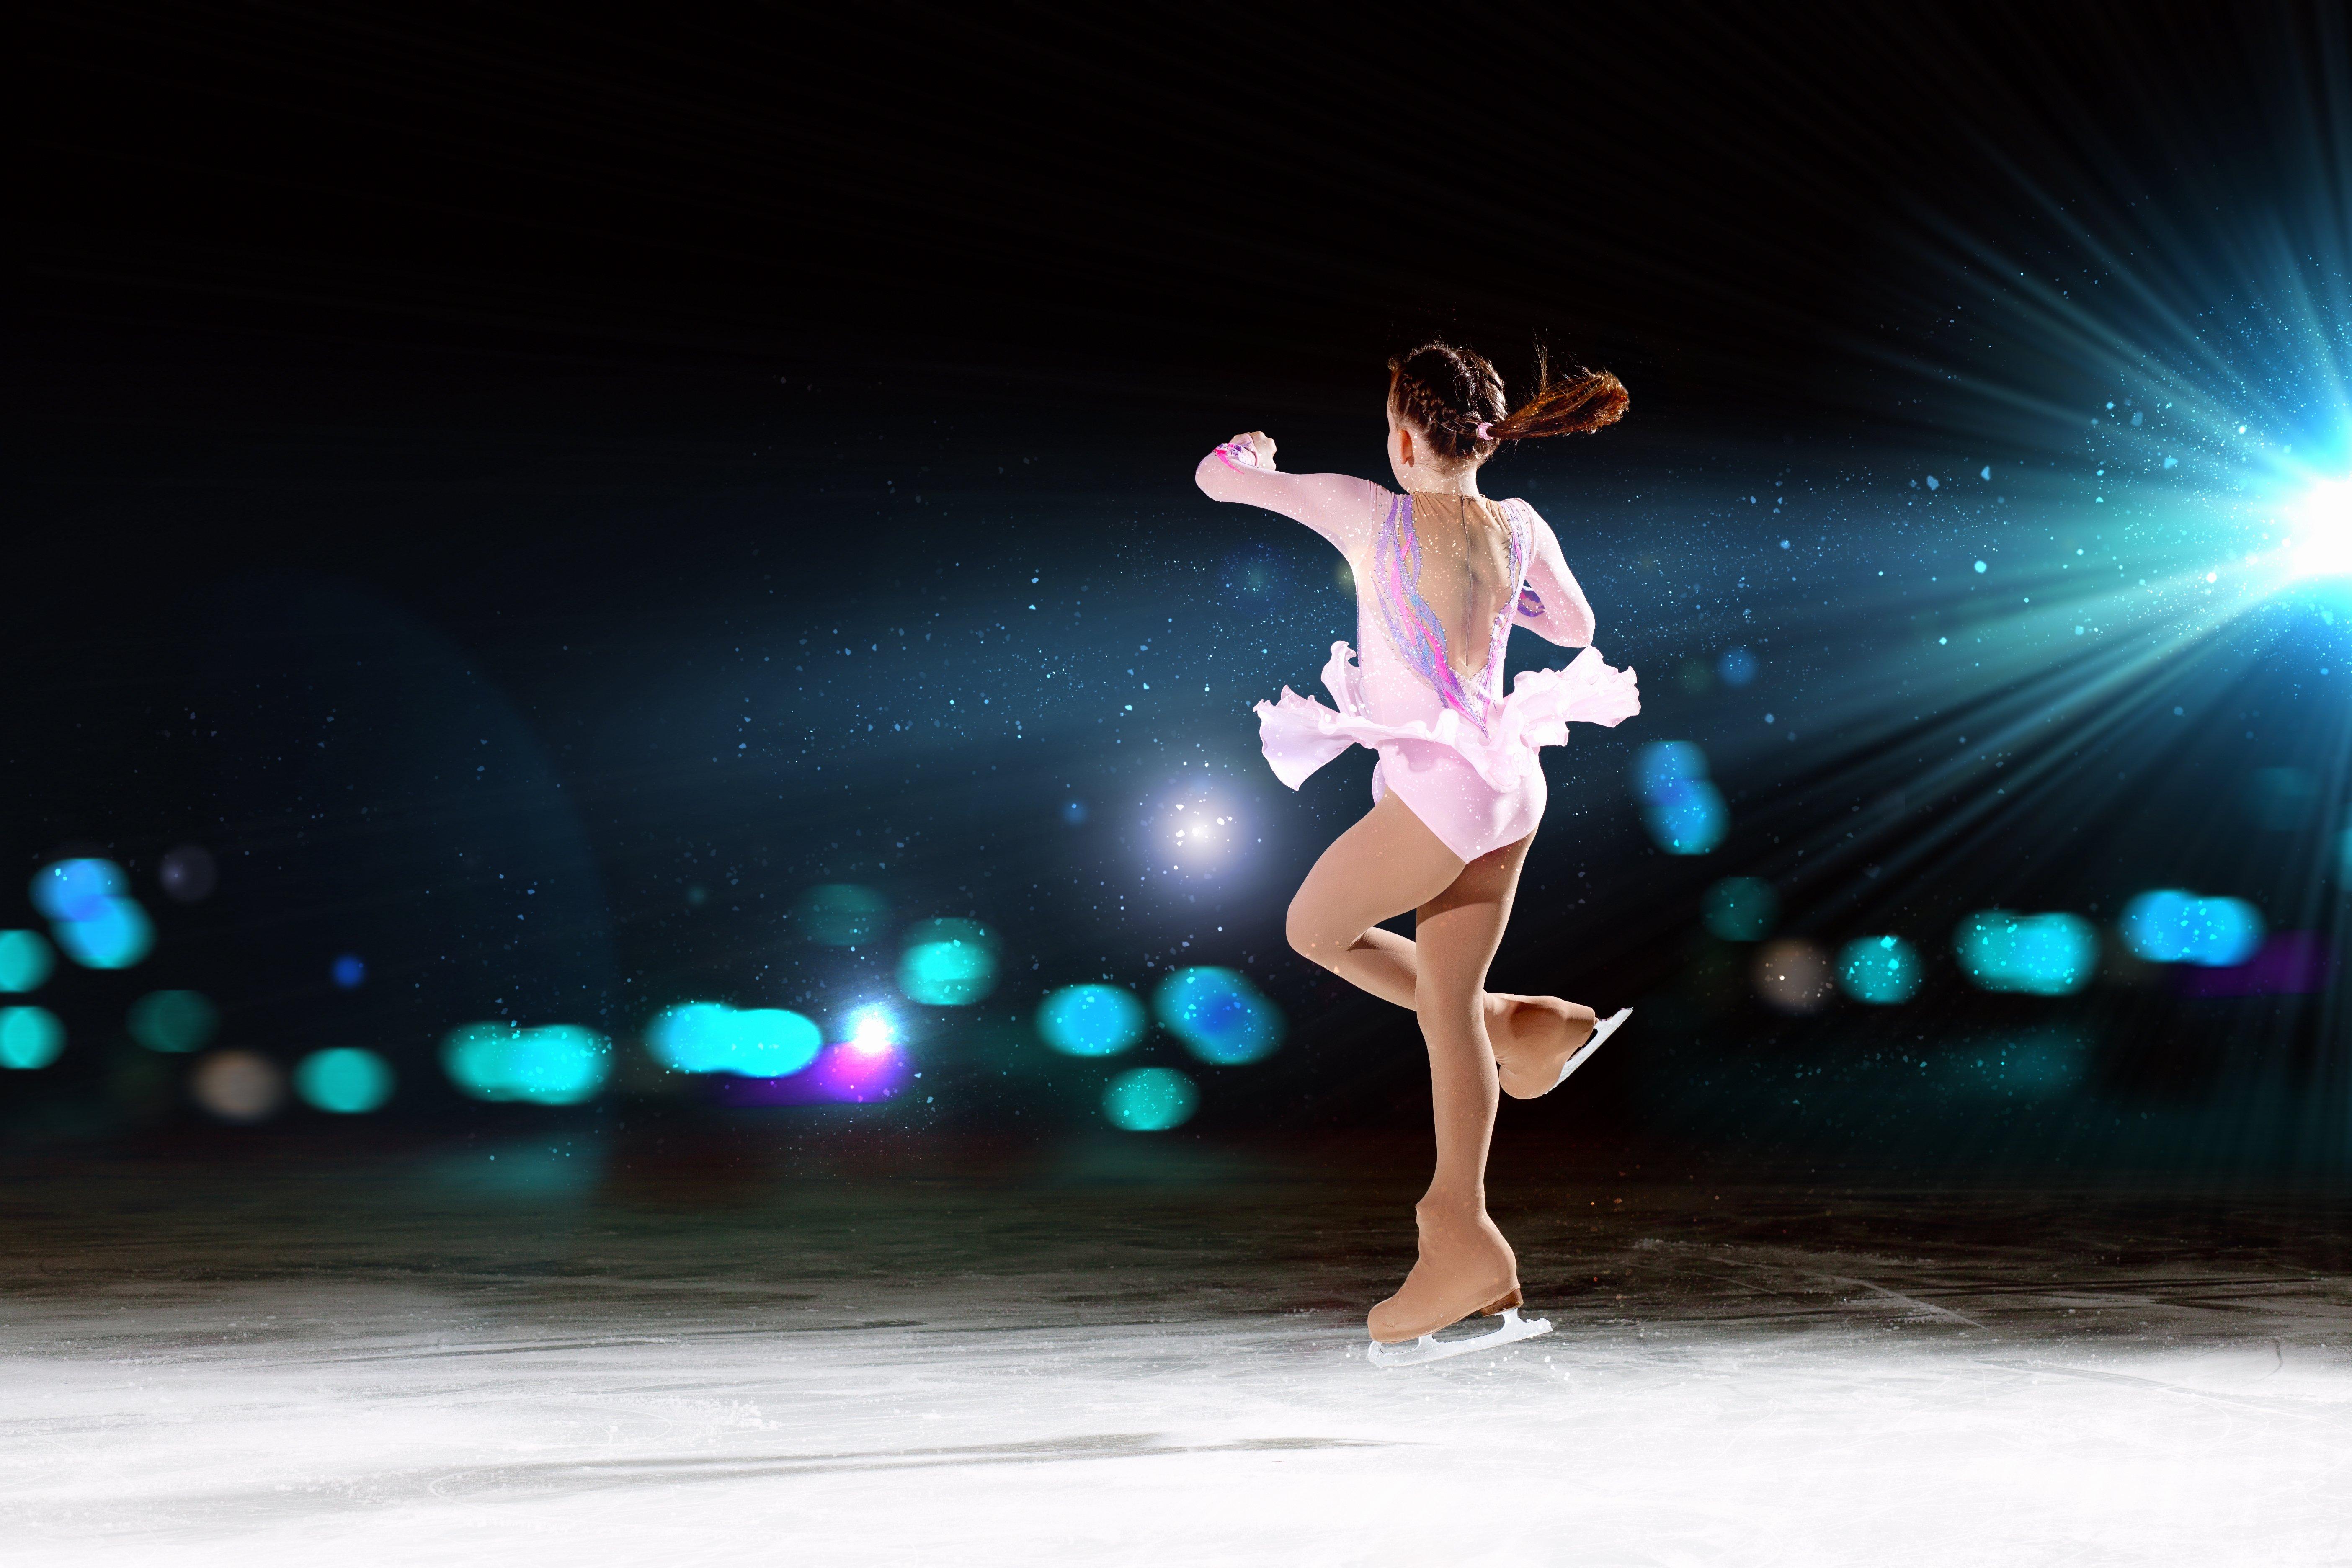 una bambina girata che pattina sul ghiaccio